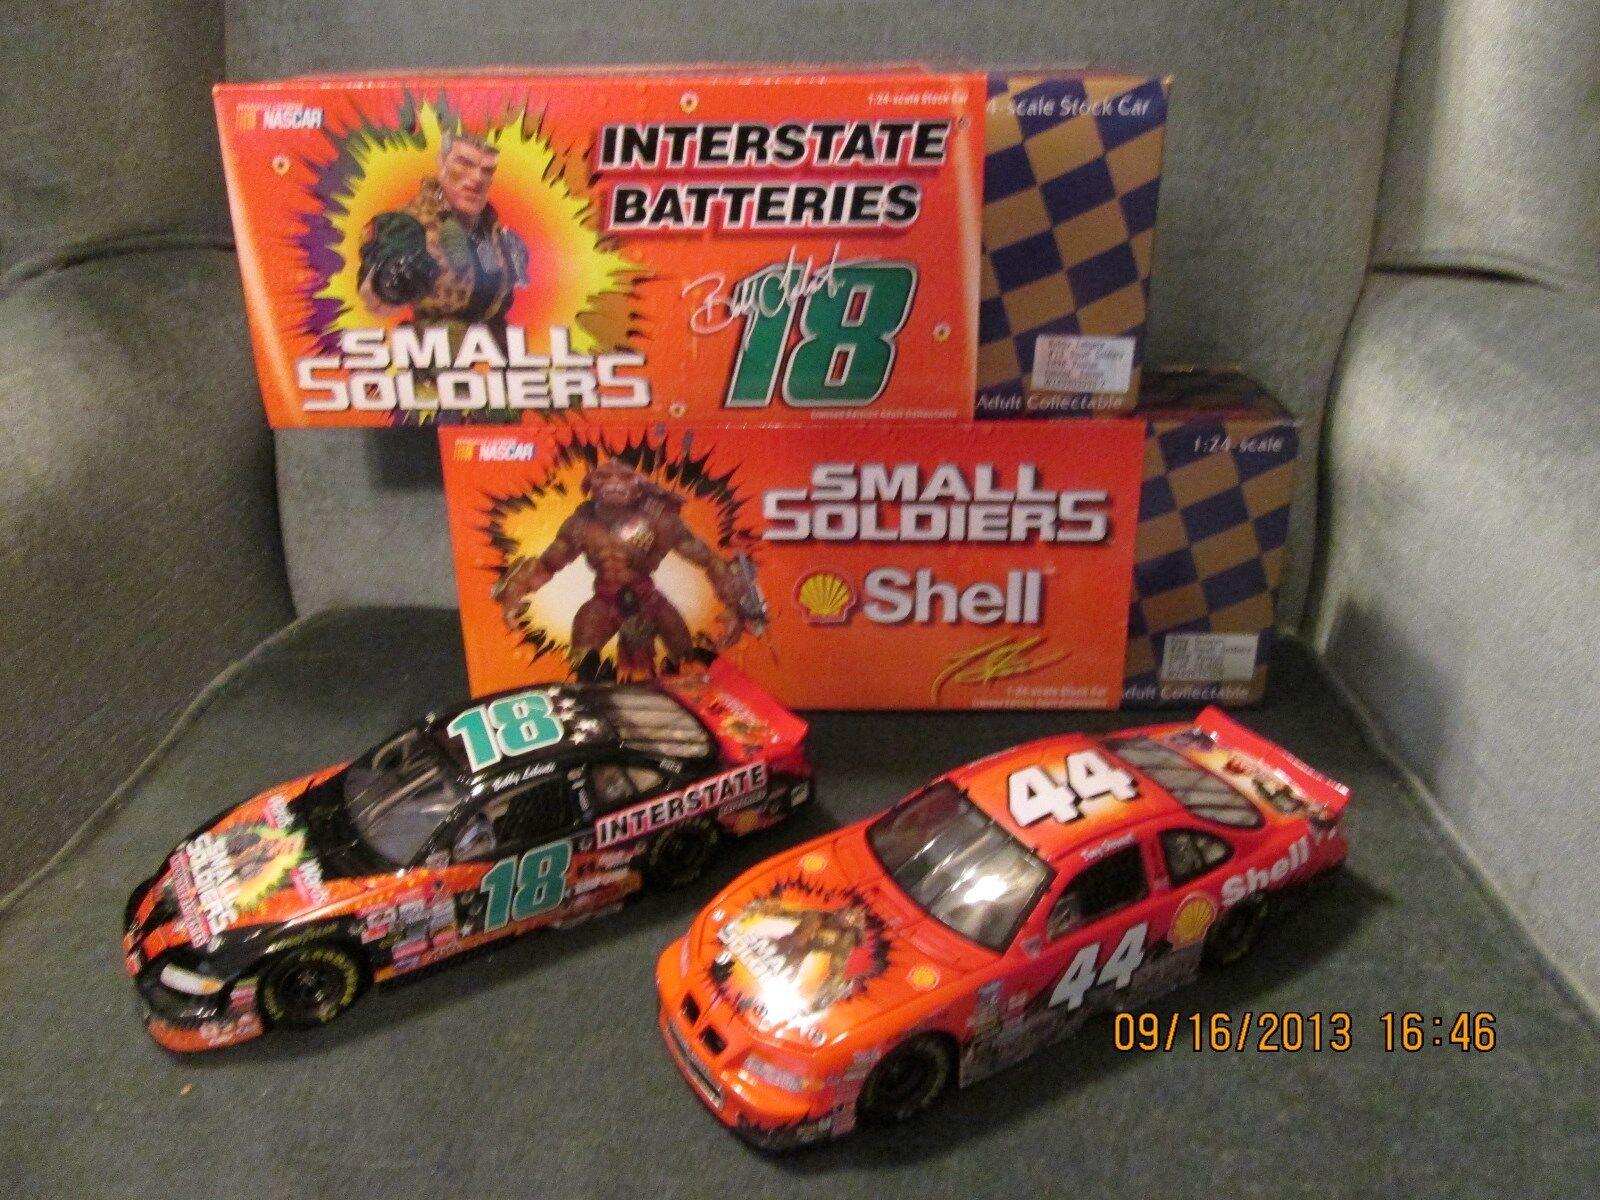 Acción NasCoche 1 24 coches  18 y  44 pequeños soldados Par, B. Labonte & T. Stewart